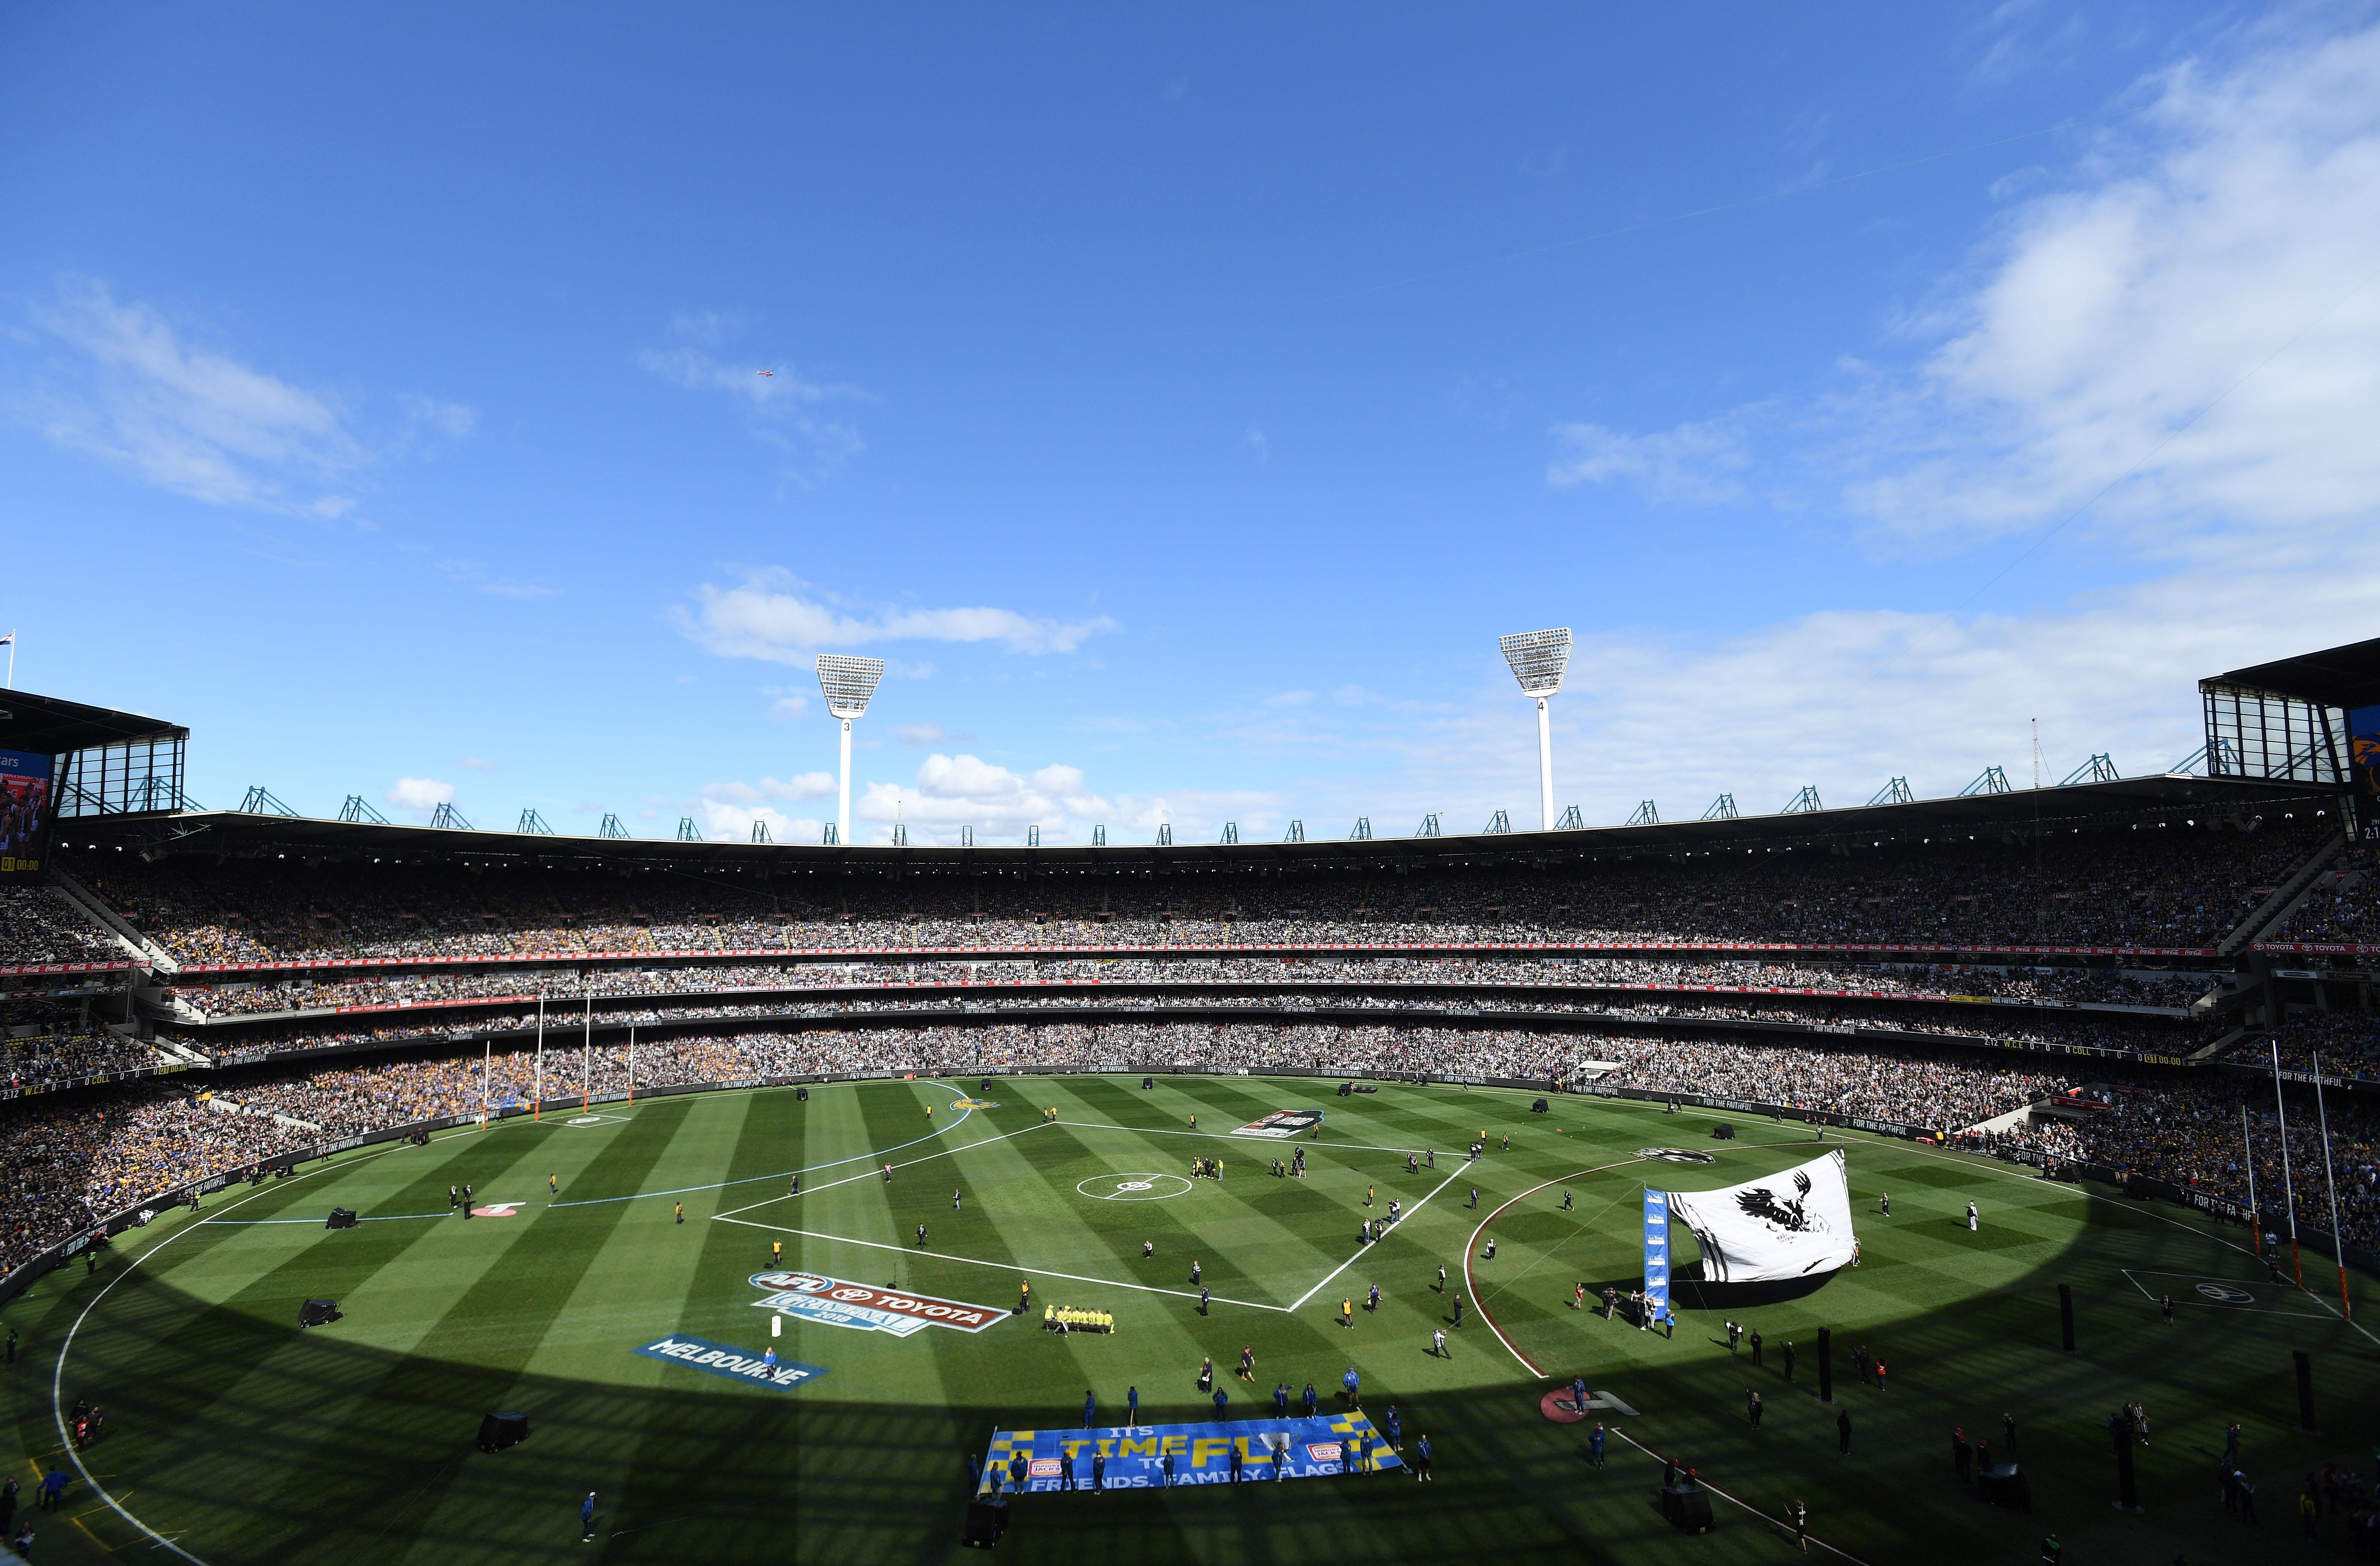 AFL fixture announcement delayed until Thursday